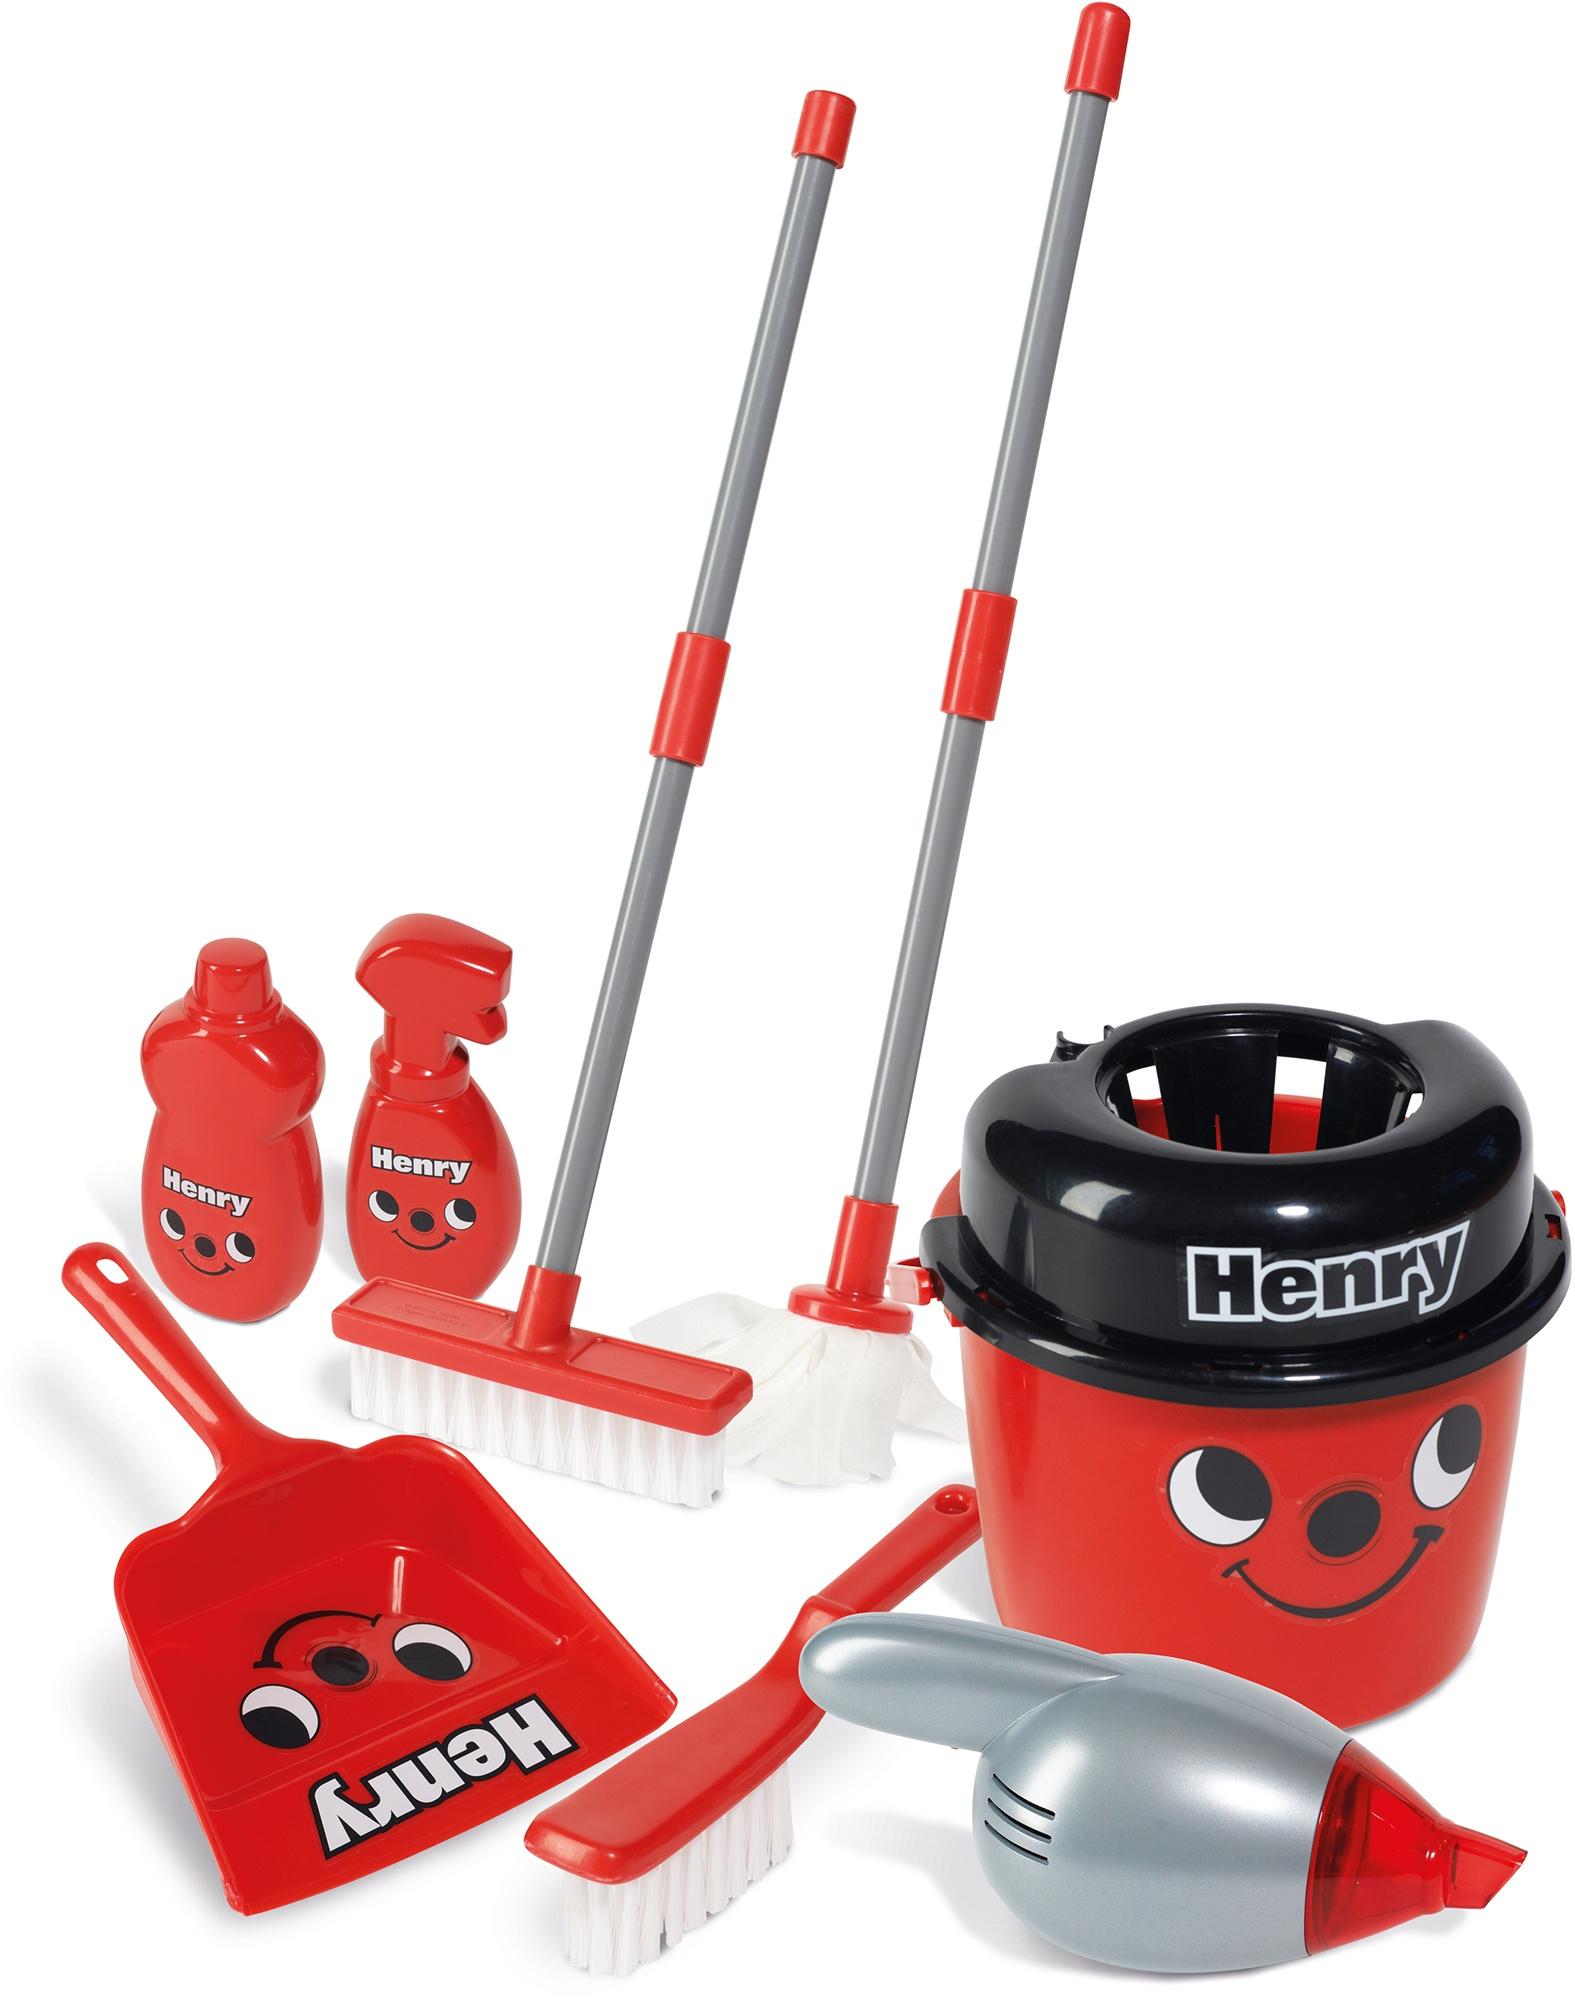 Casdon Henry Hoover Deluxe Cleaning Trolley Little Helper